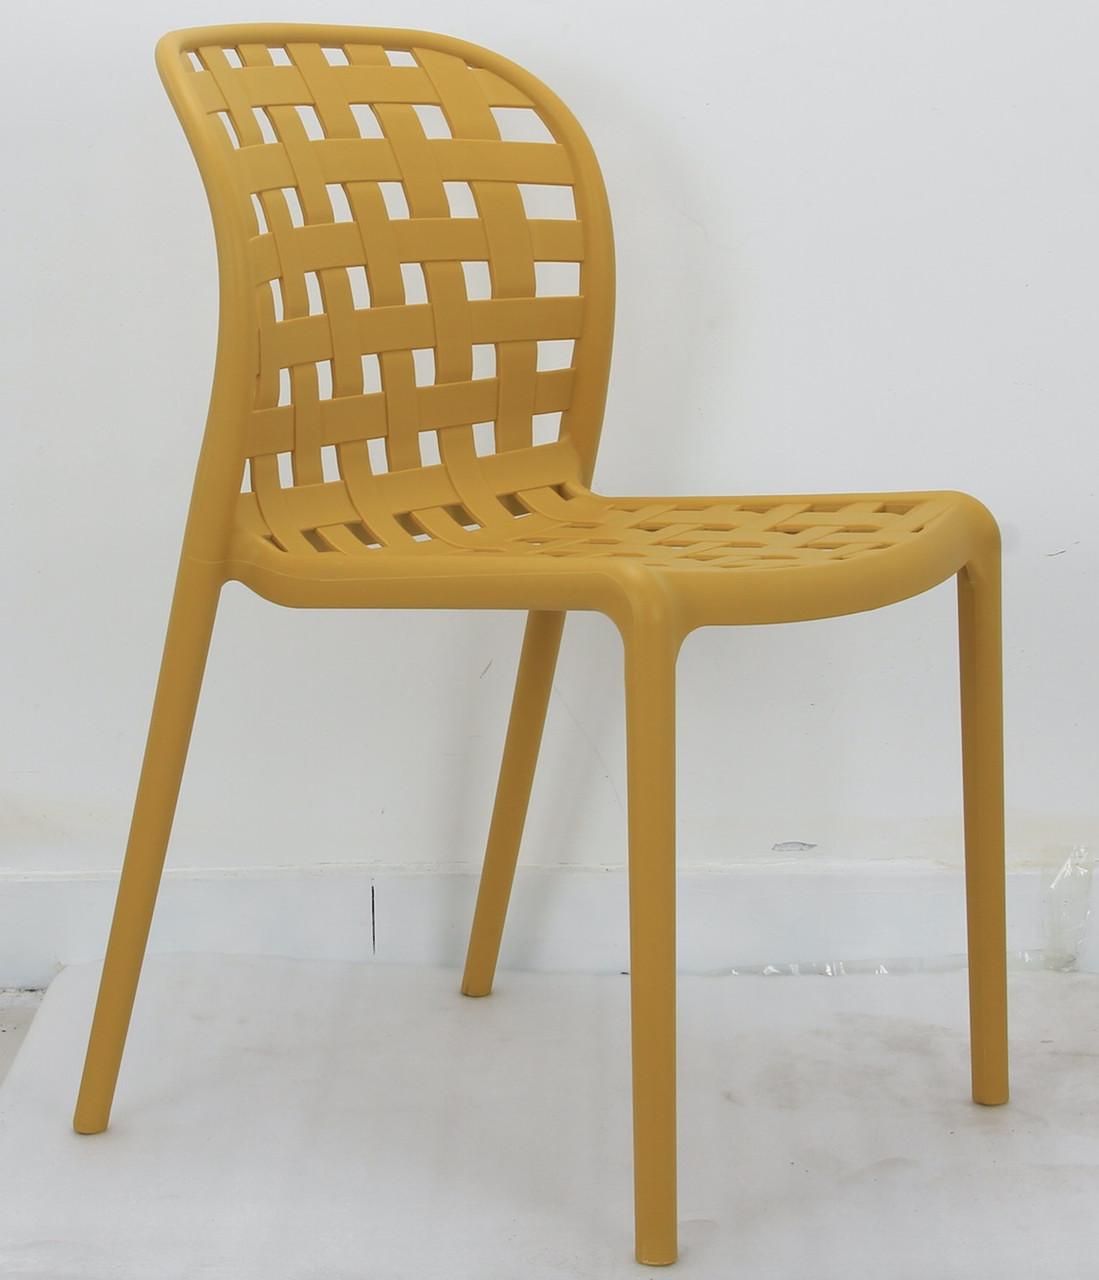 Стілець пластиковий суцільнолитий жовтого кольору Gari для громадських місць, кафе, відкритих майданчиків, дач